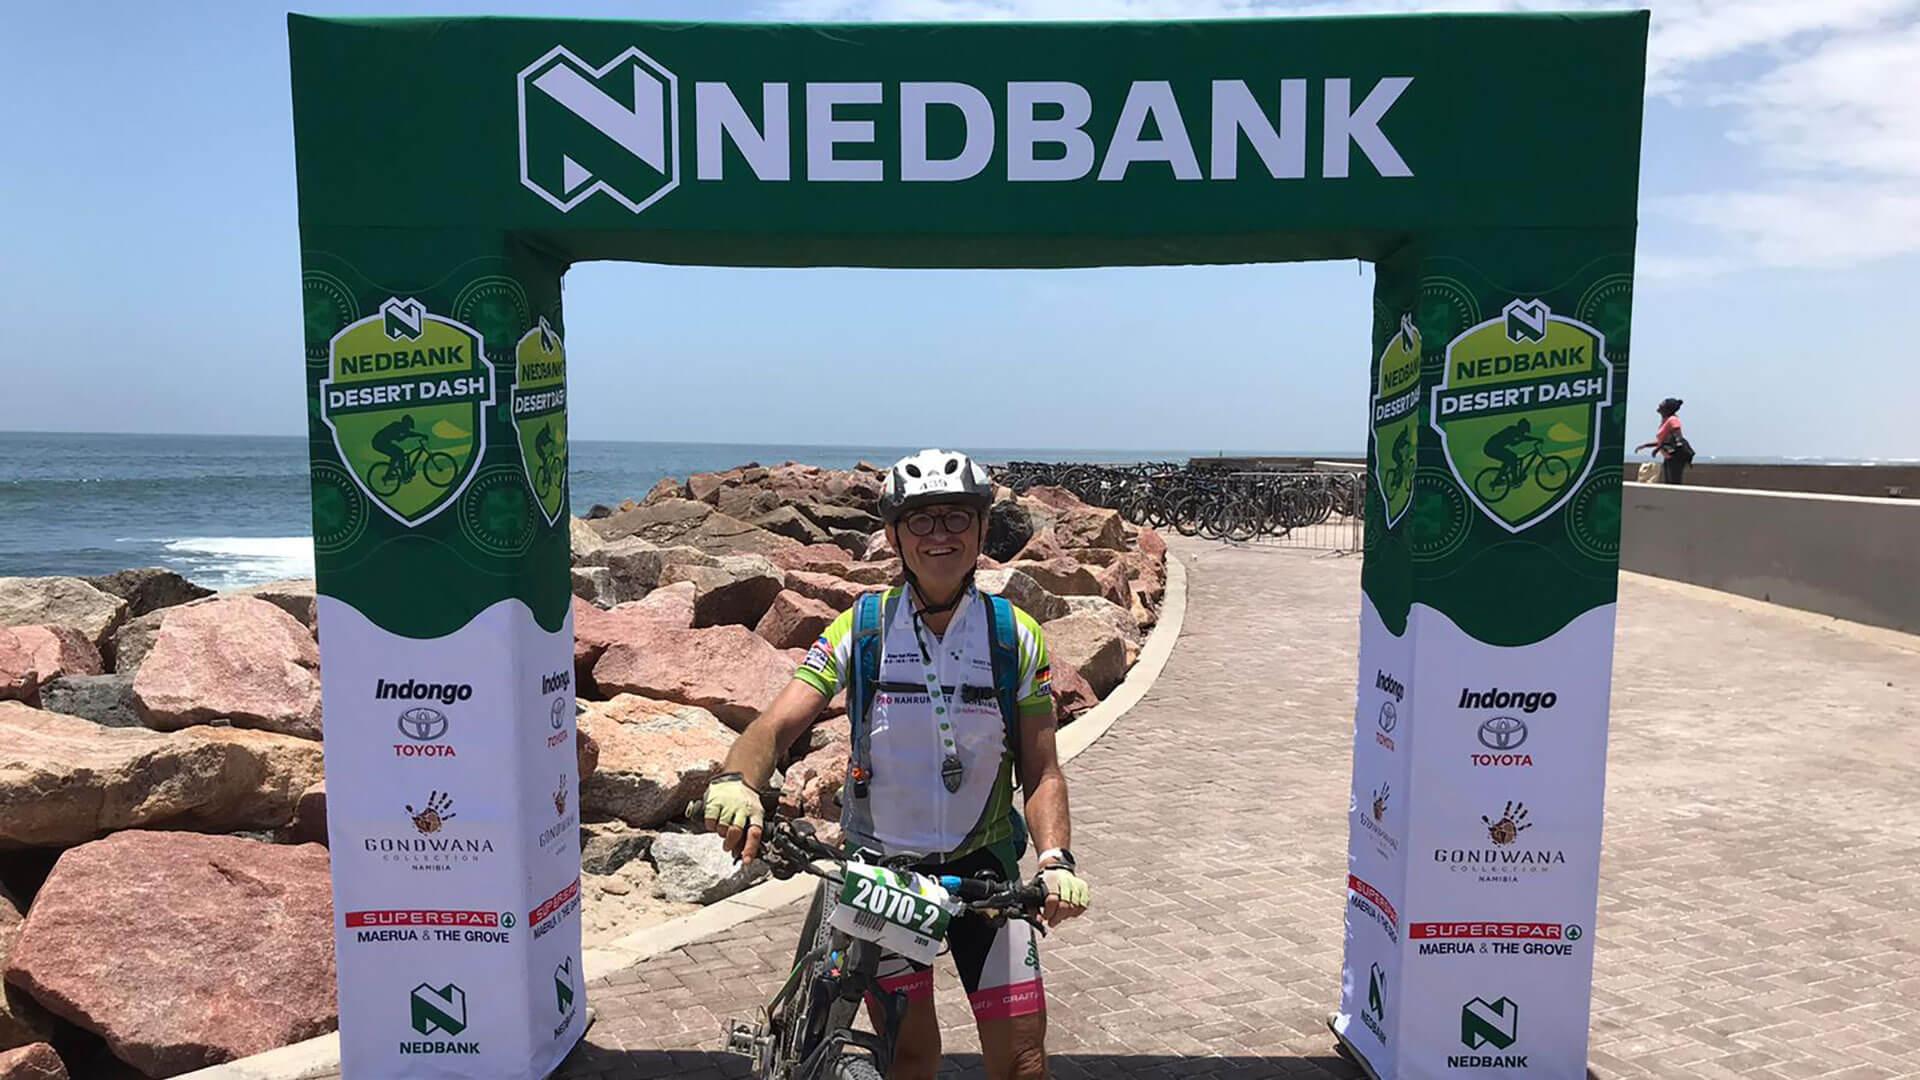 Roland Fuchs absolviert als ältester Teilnehmer den Desert Dash in Namibia